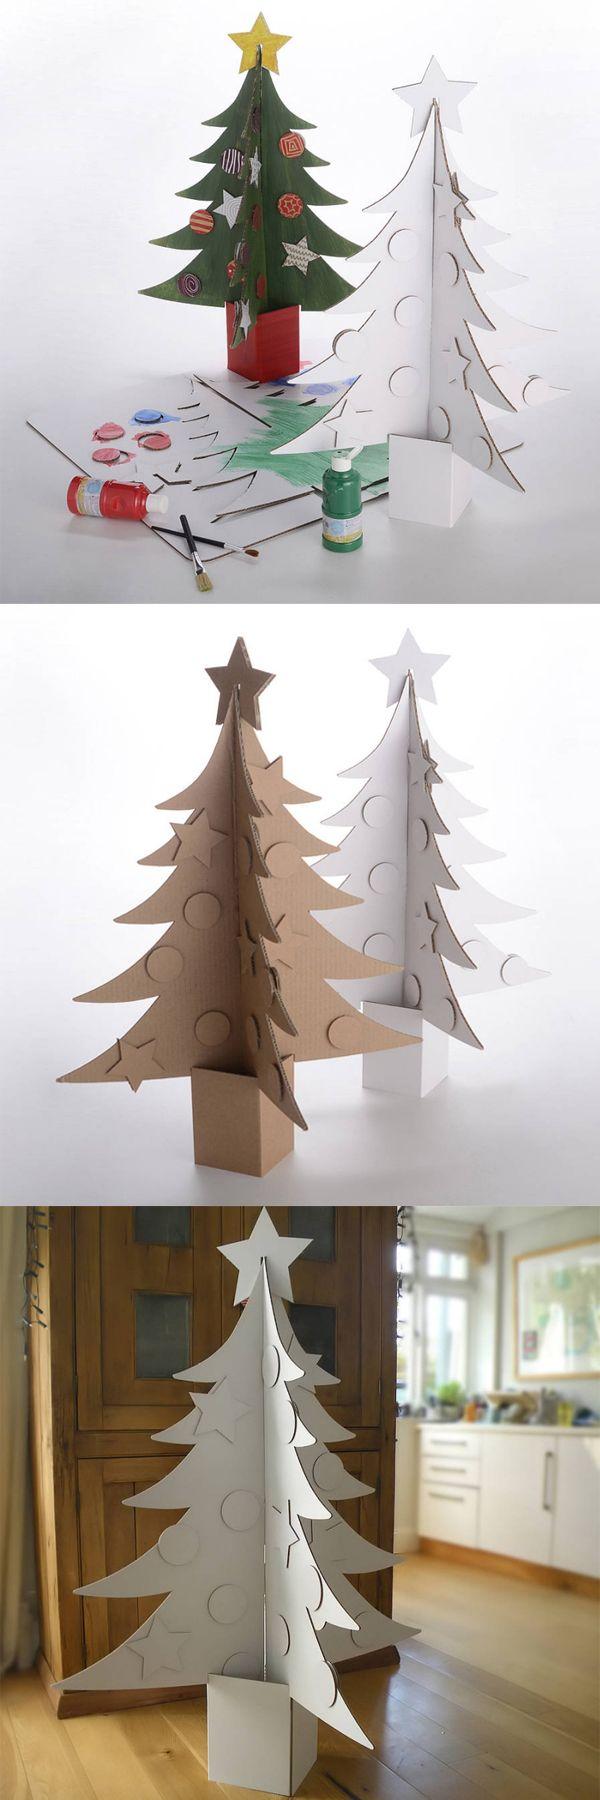 Letter Fest Cardboard Christmas Tree